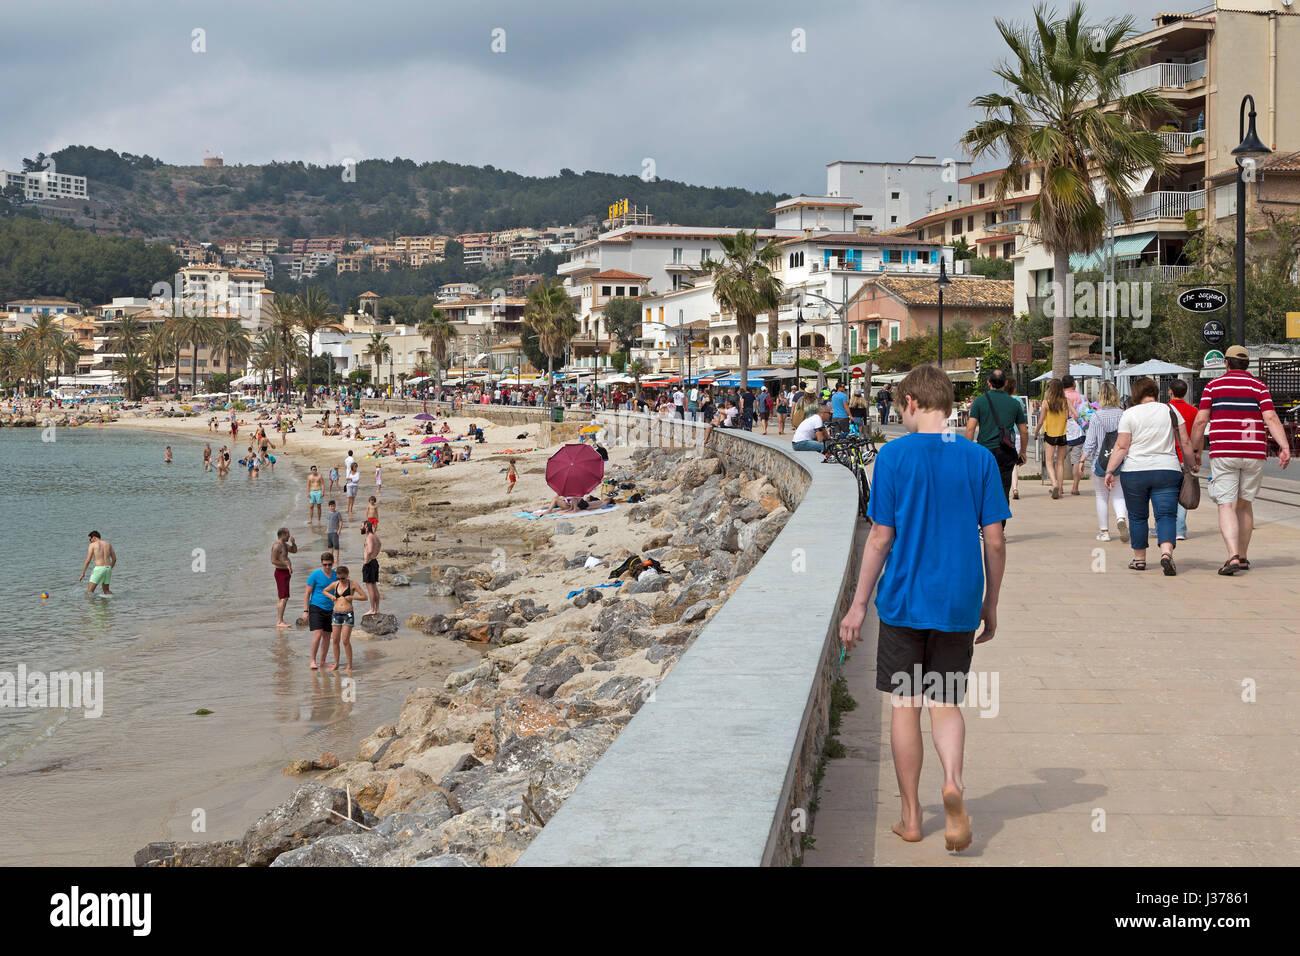 Lungomare di Port de Sóller, Mallorca, Spagna Immagini Stock